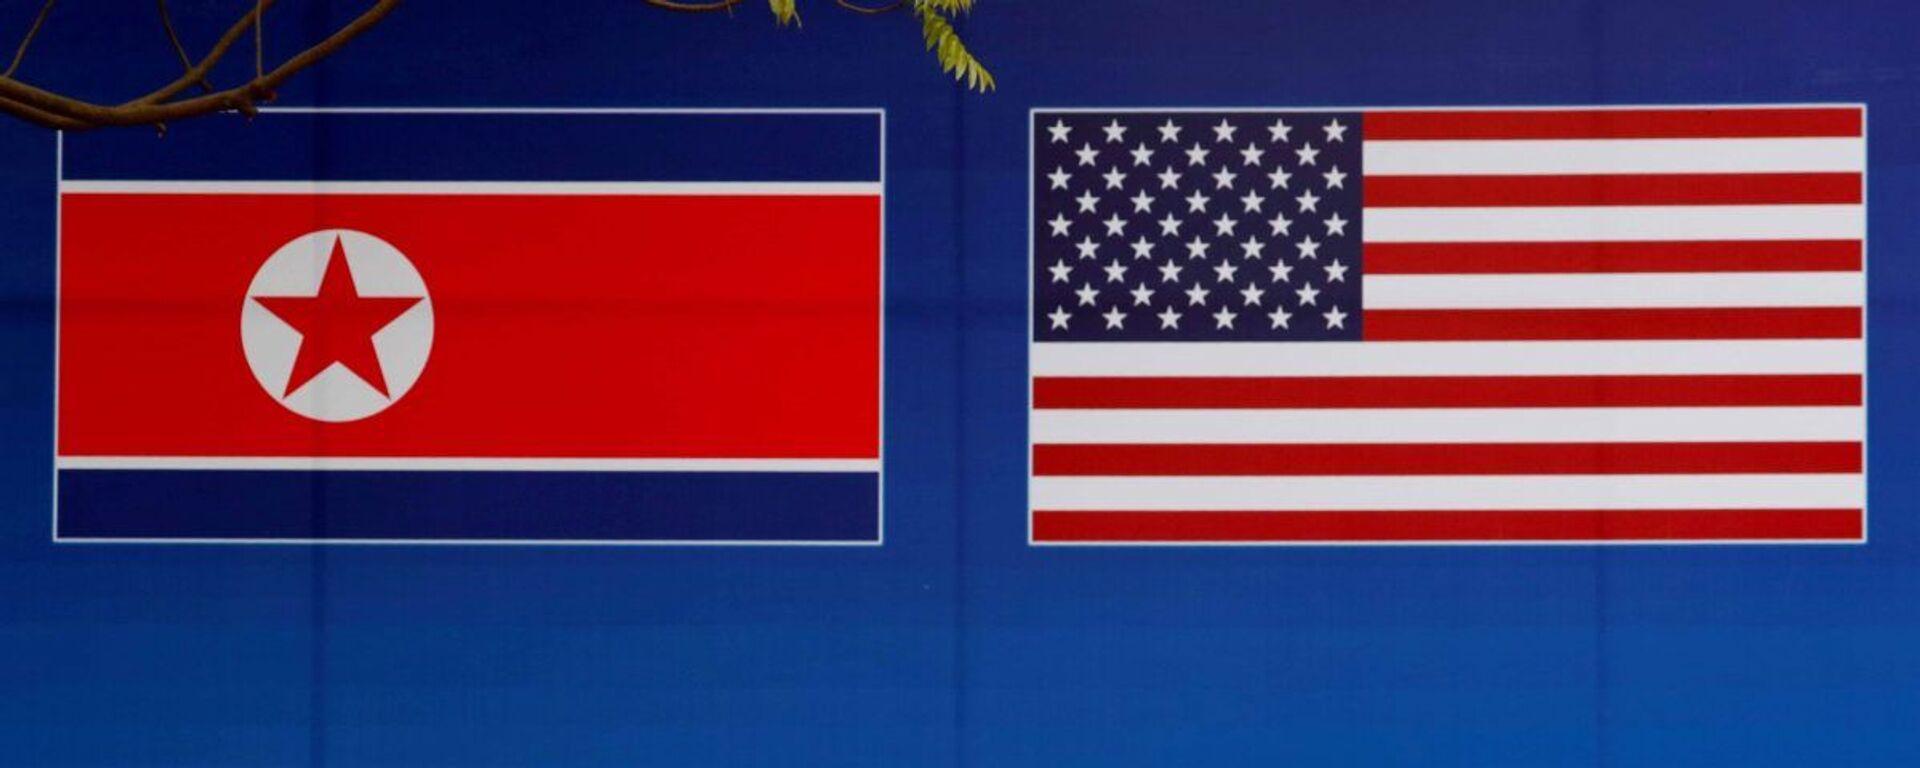 Kuzey Kore - ABD - bayrak - Sputnik Türkiye, 1920, 15.09.2021